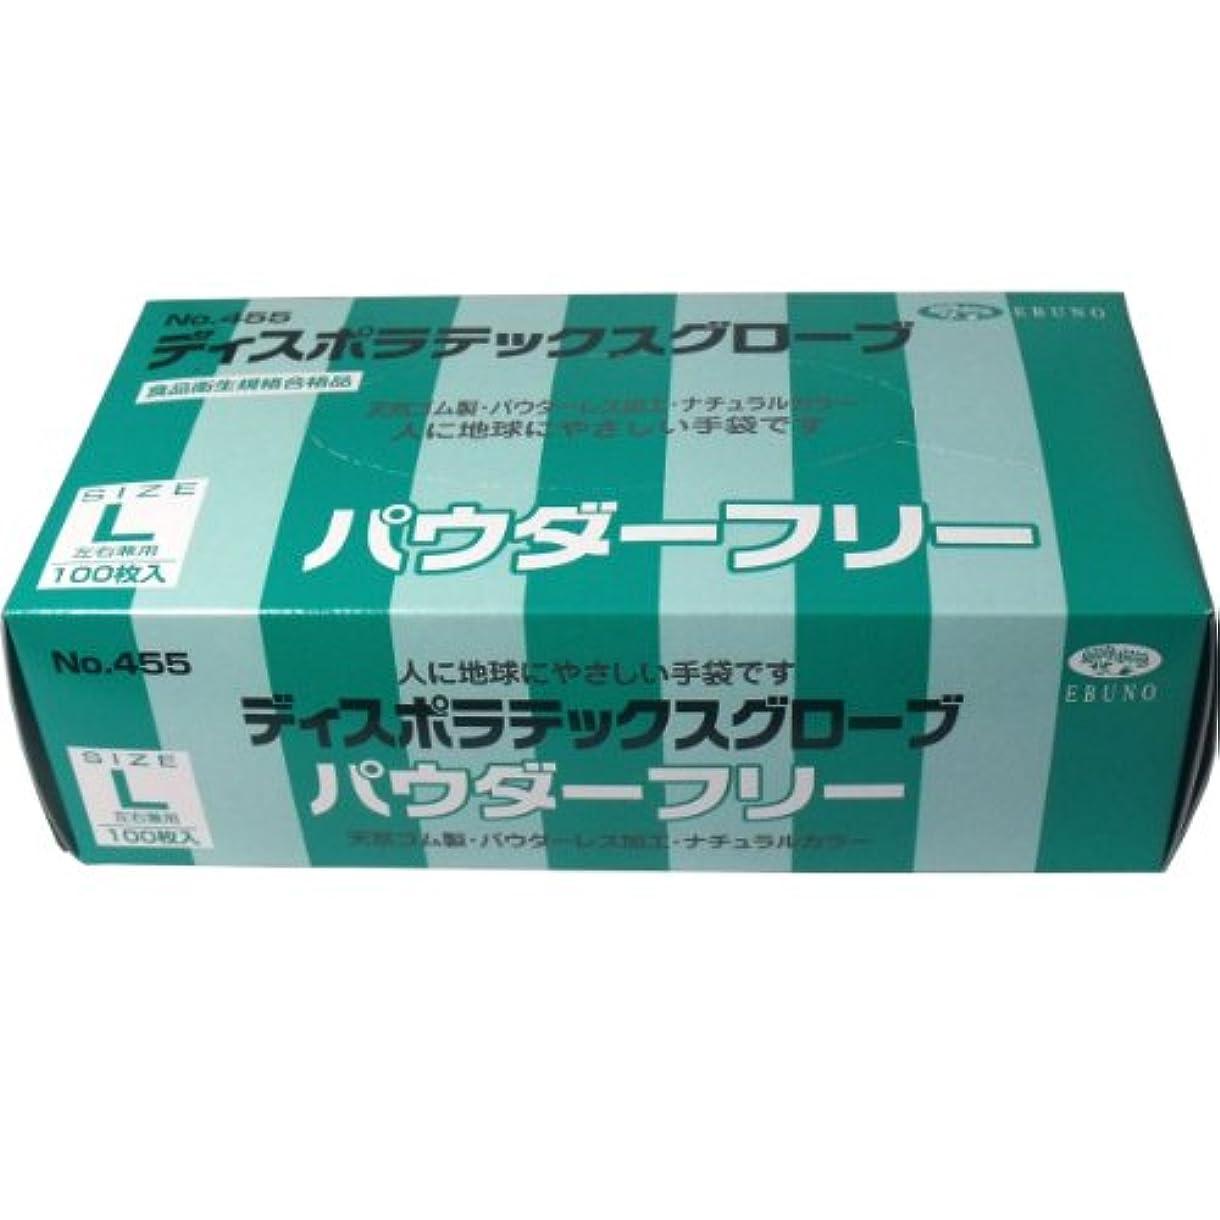 サルベージ育成雄弁なディスポ ラテックスグローブ(天然ゴム手袋) パウダーフリー Lサイズ 100枚入×2個セット